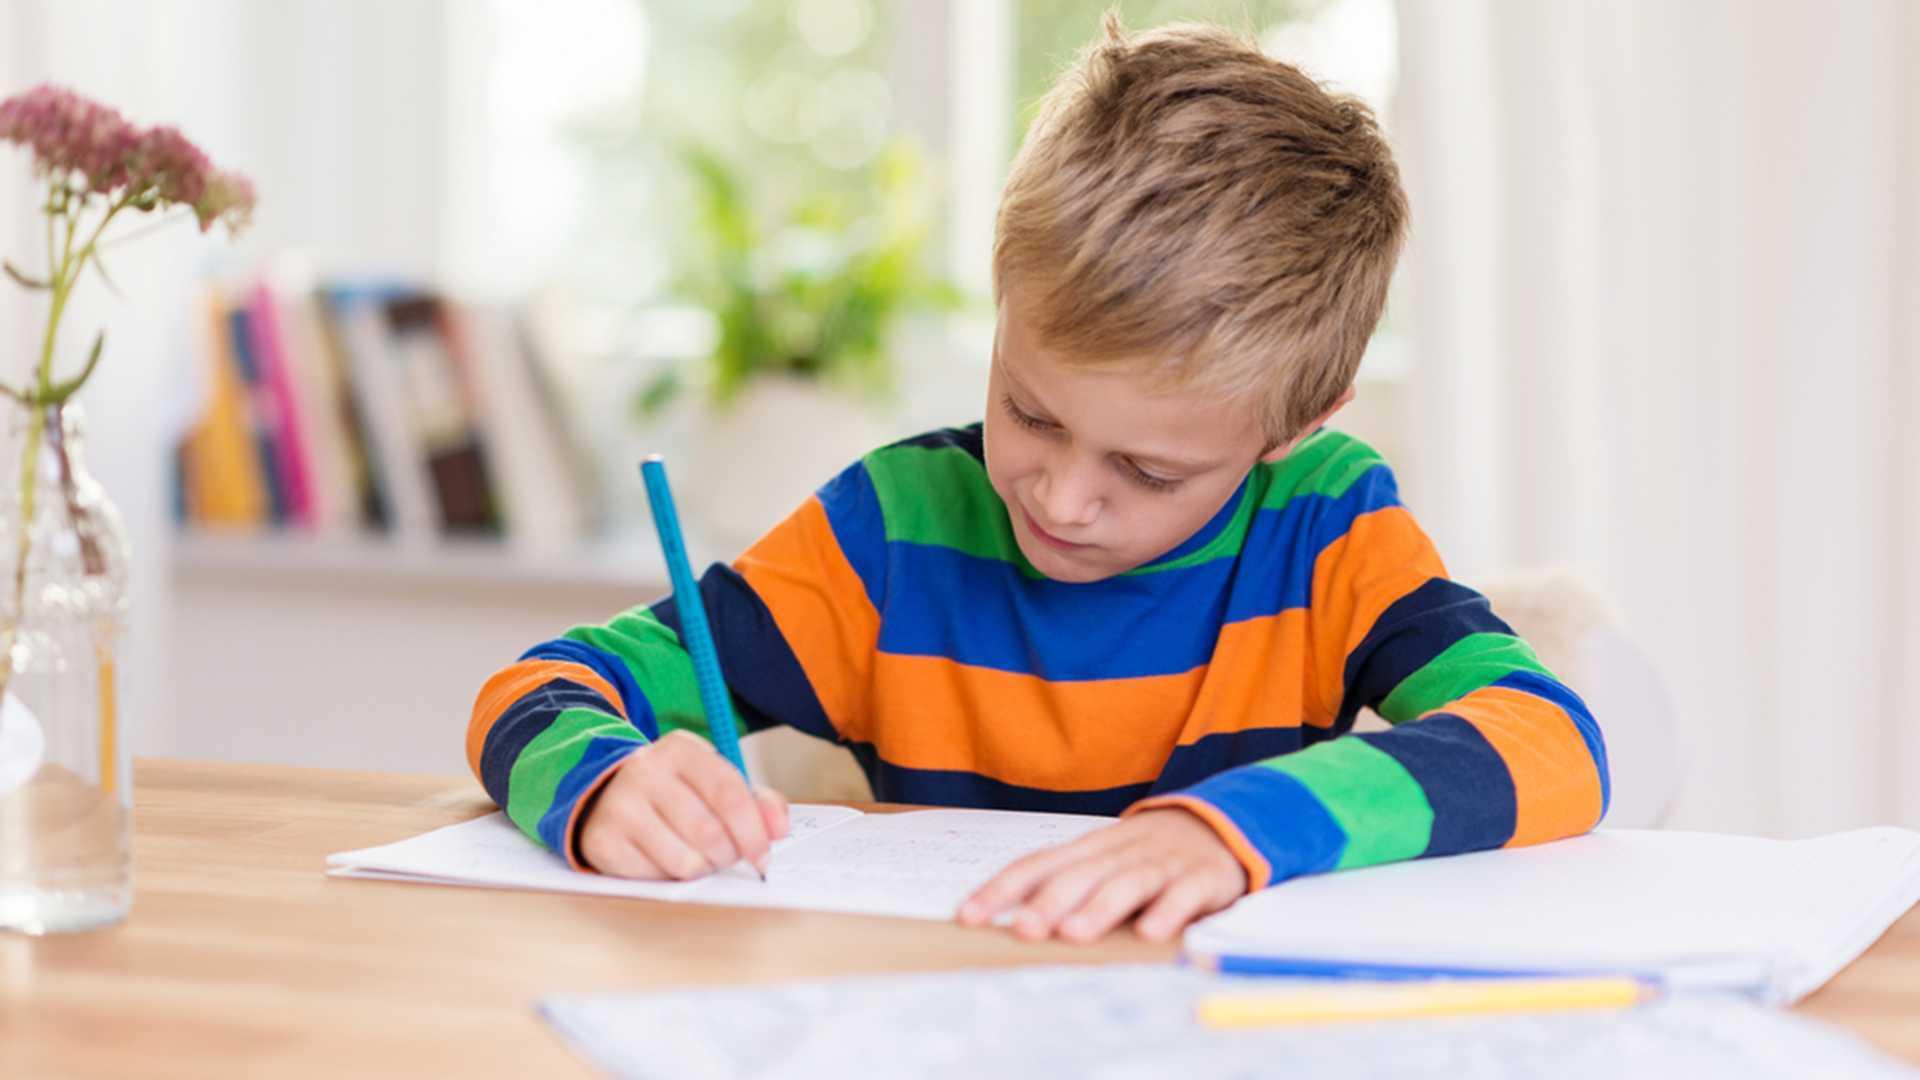 Pengertian gaya belajar adalah - jenis implikasi dan faktor yang mempengaruhi gaya belajar menurut para ahli